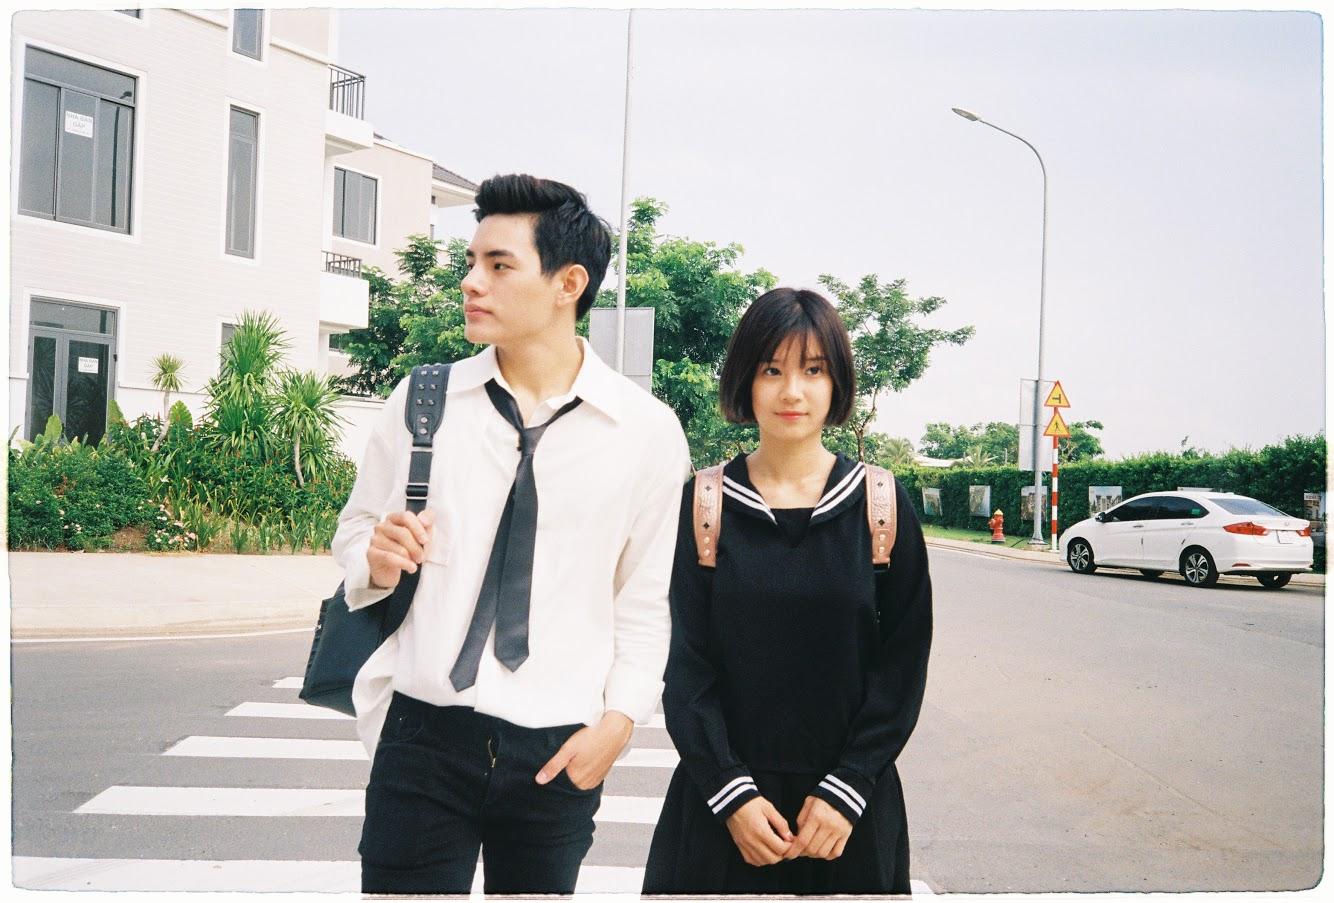 Hoàng Yến Chibi rung động chàng trai nhà bên trong MV mới - Ảnh 4